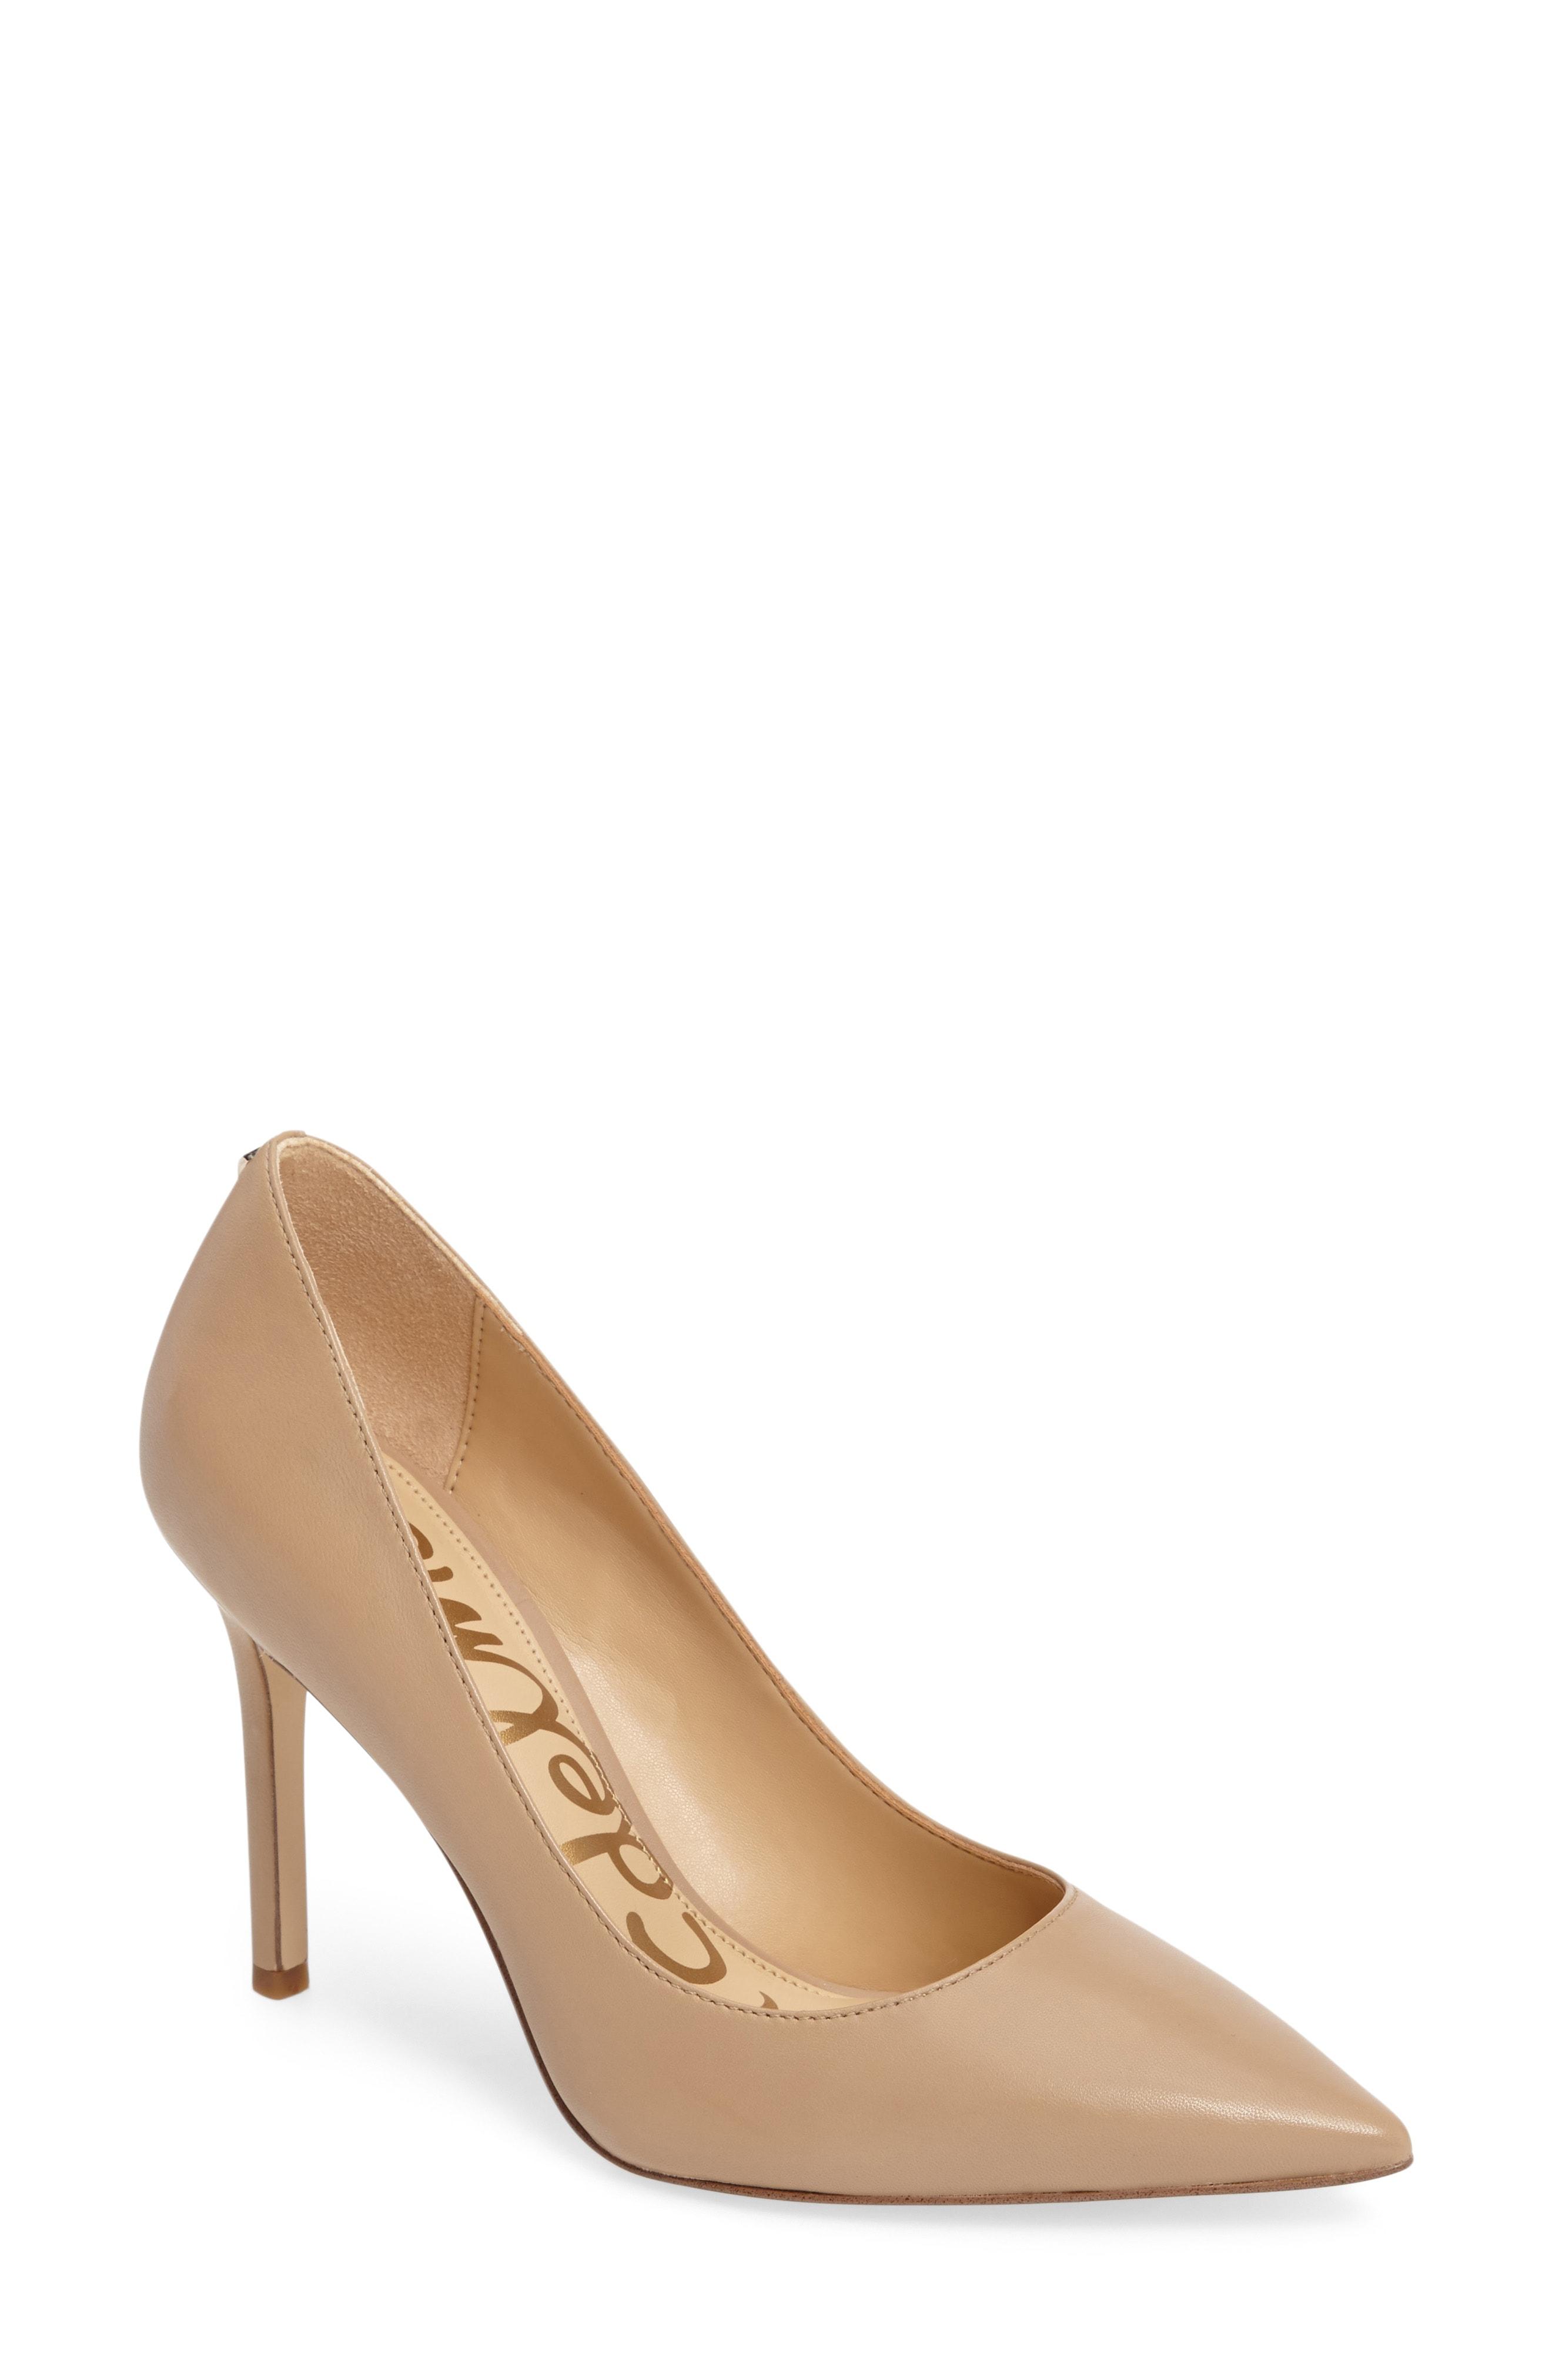 nude heels | Nordstrom